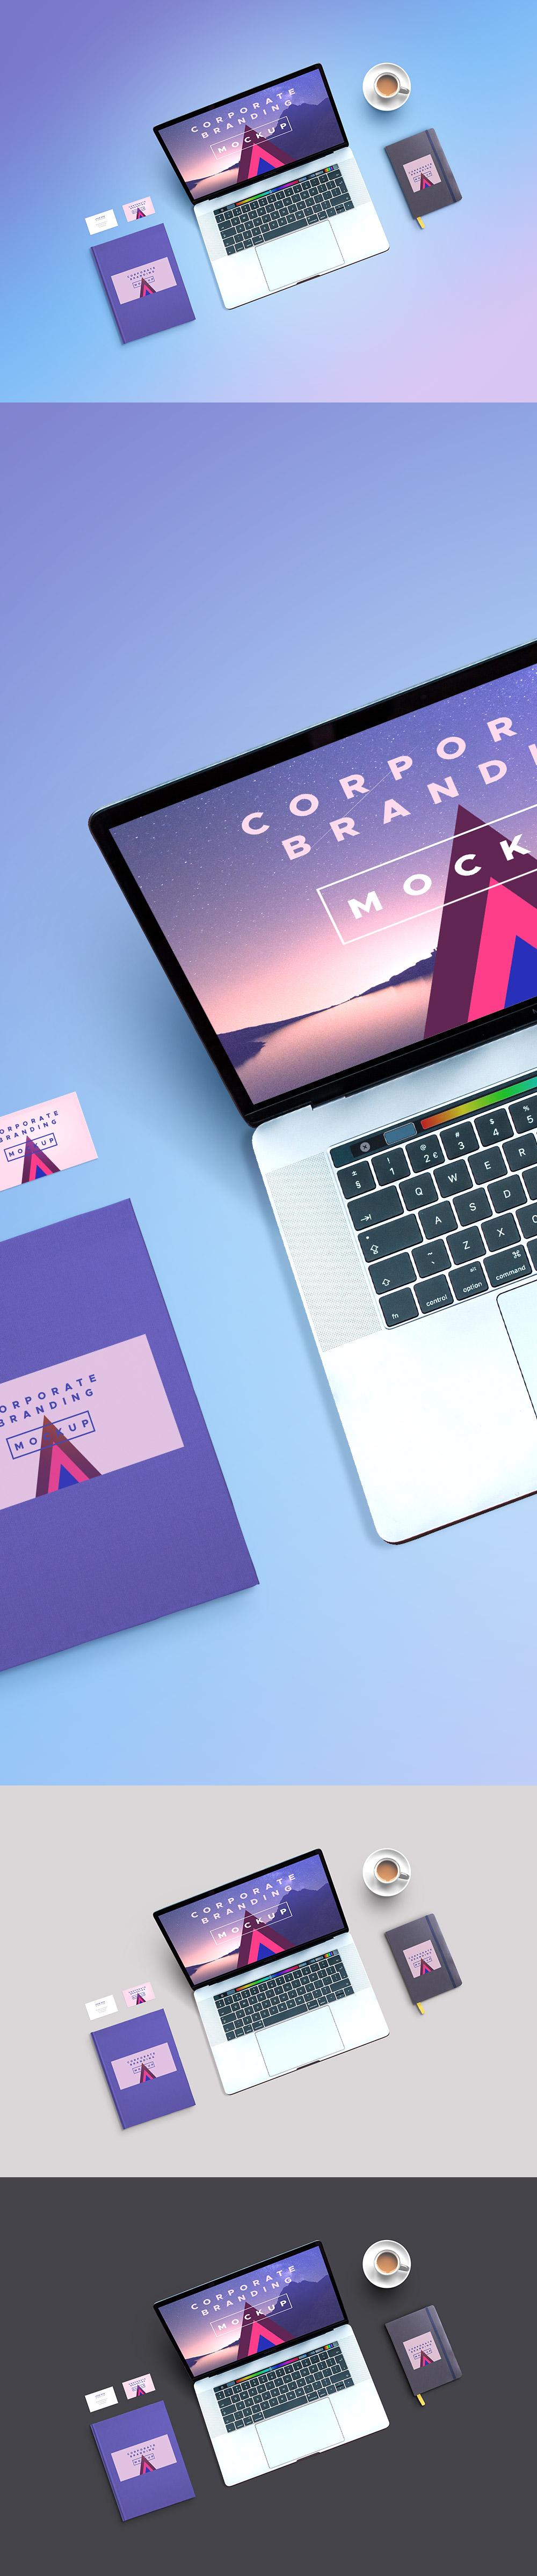 漂亮的企业VI设计笔记本展示模型样机贴图[PSD]设计素材模板